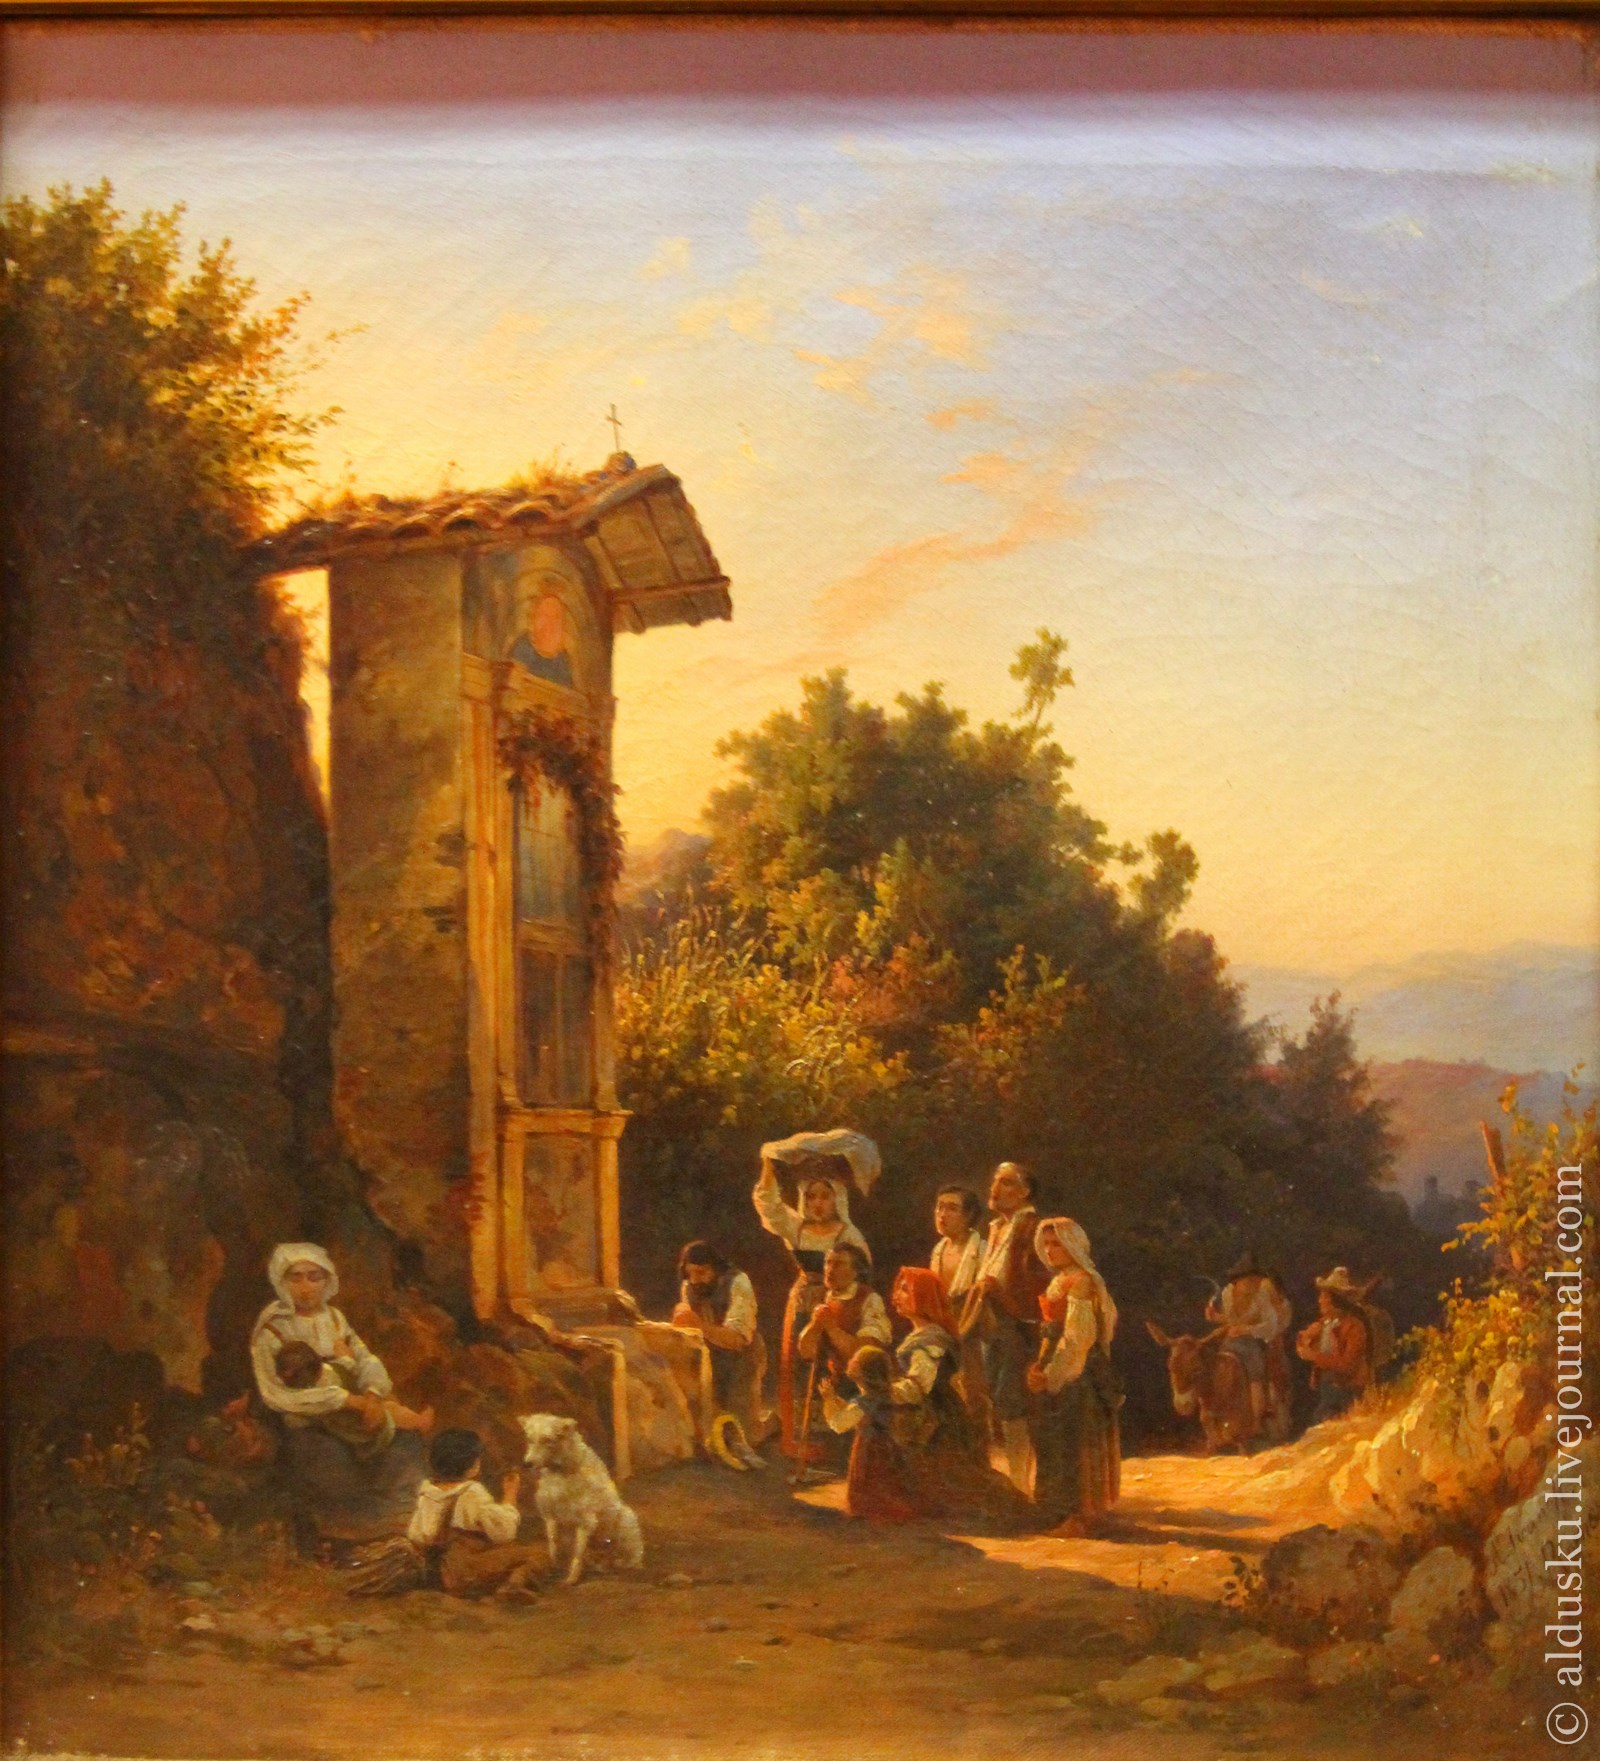 Иванов (Голубой) А.И. (1818–1863) Из окрестностей Рима. Сцена перед часовней. 1851 Холст, масло